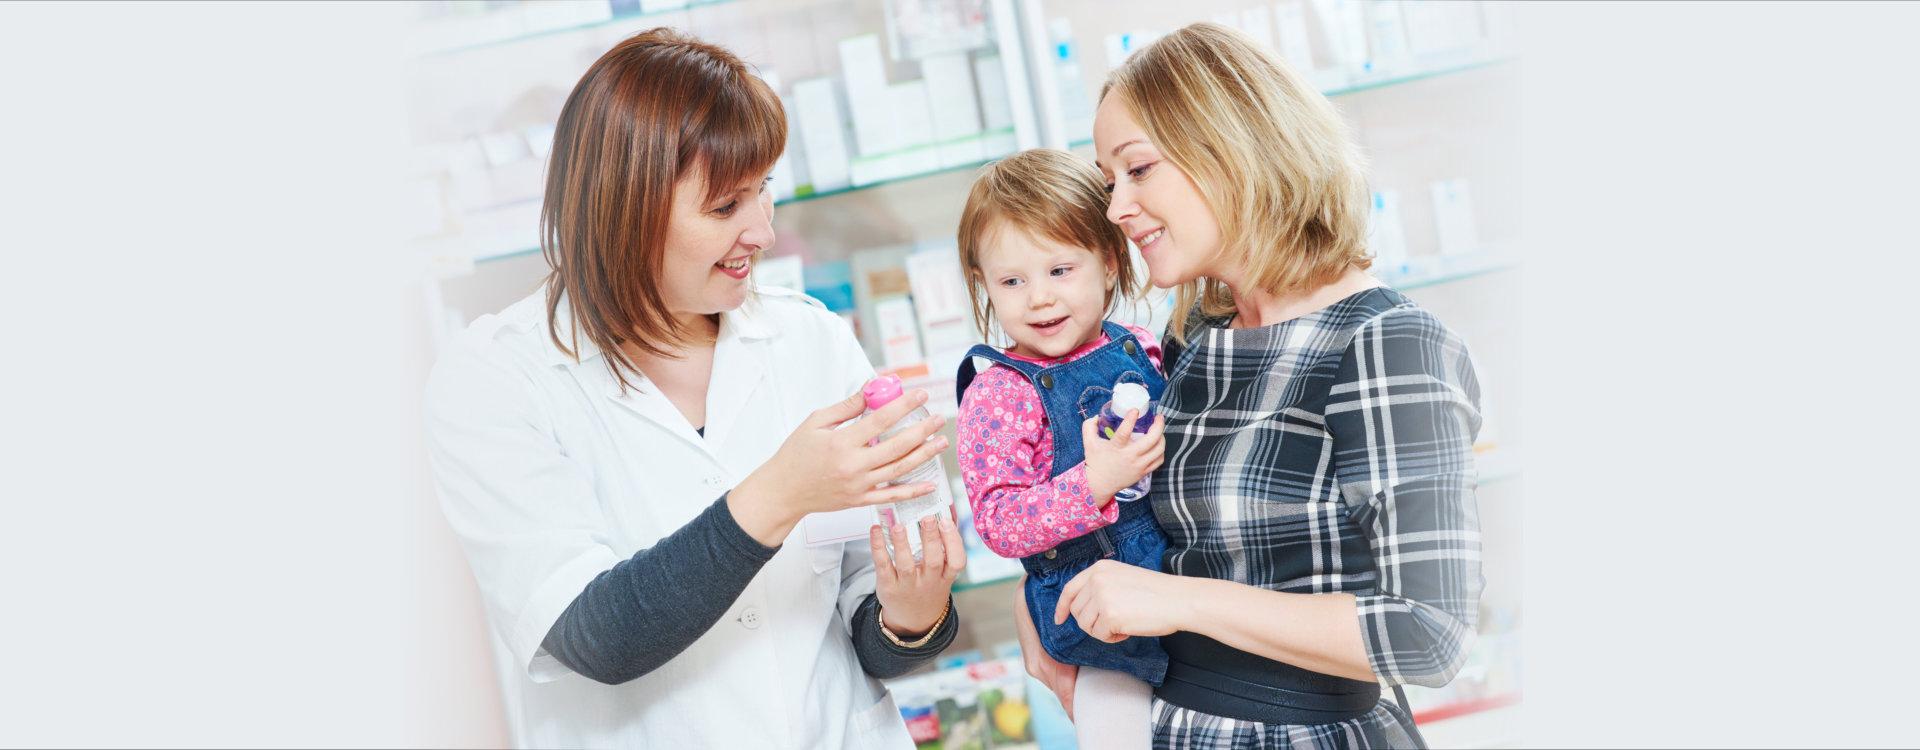 pharmacist chemist woman demonstrating cream gel to child girl